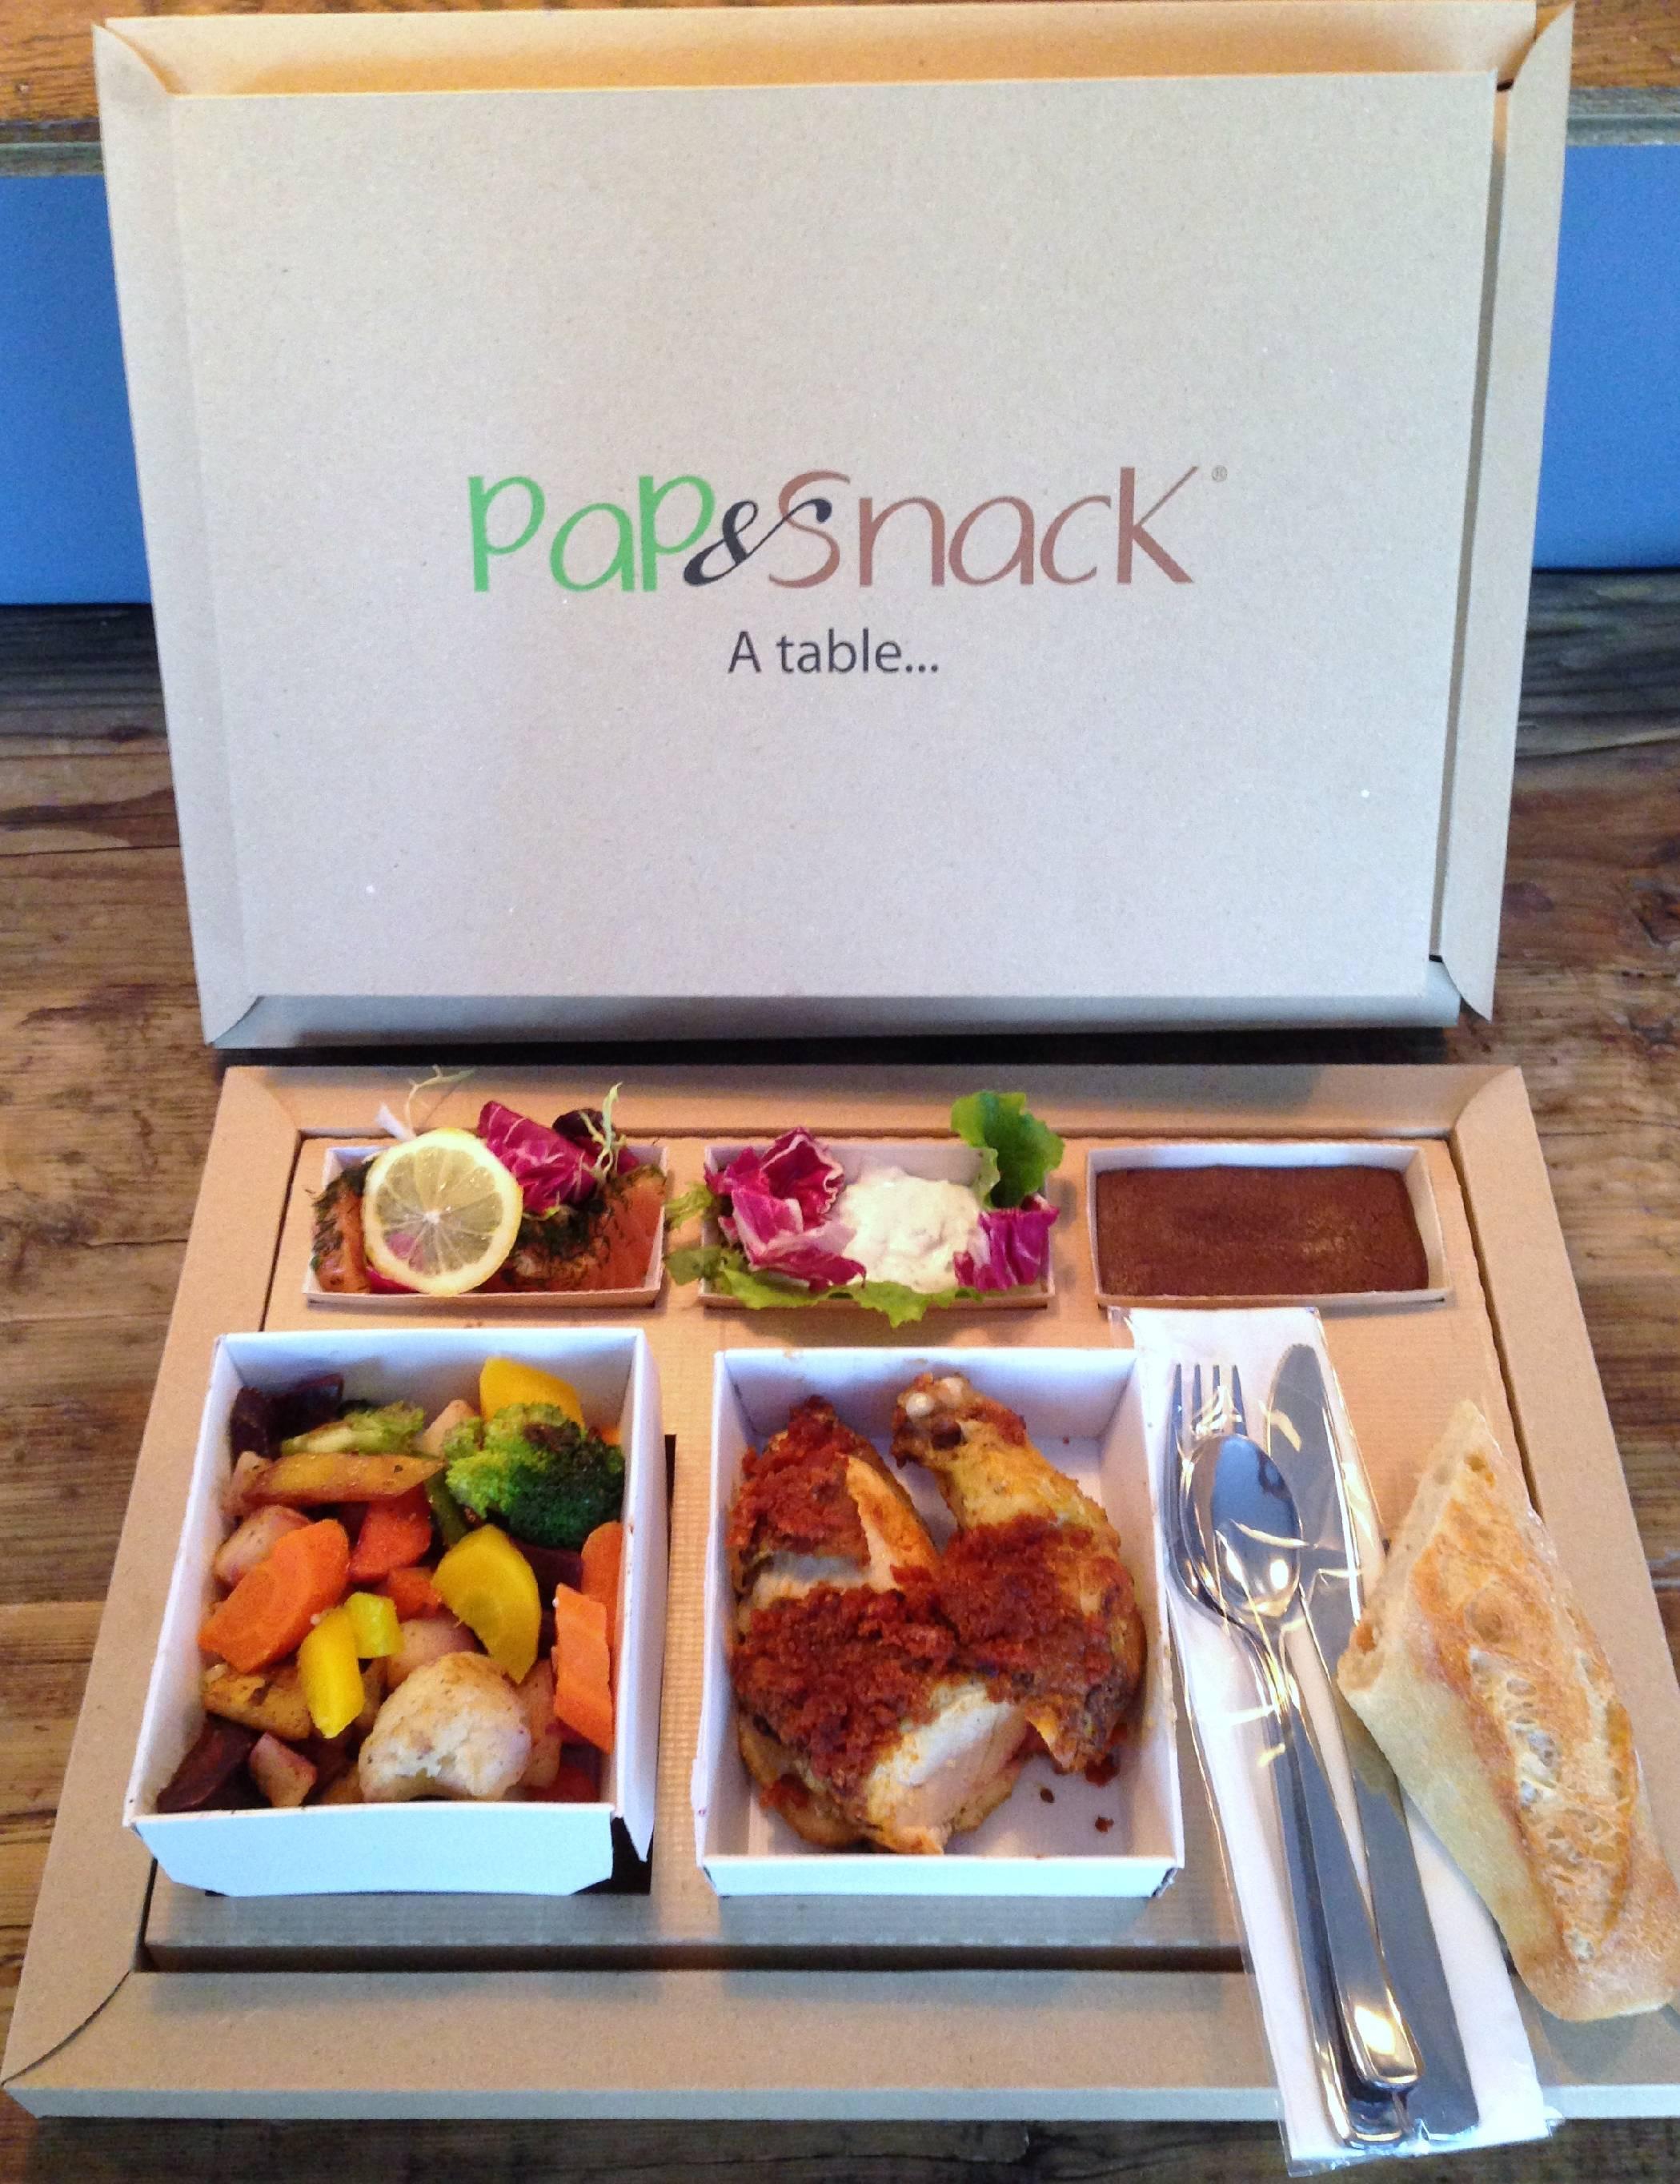 Service de Lunch Box